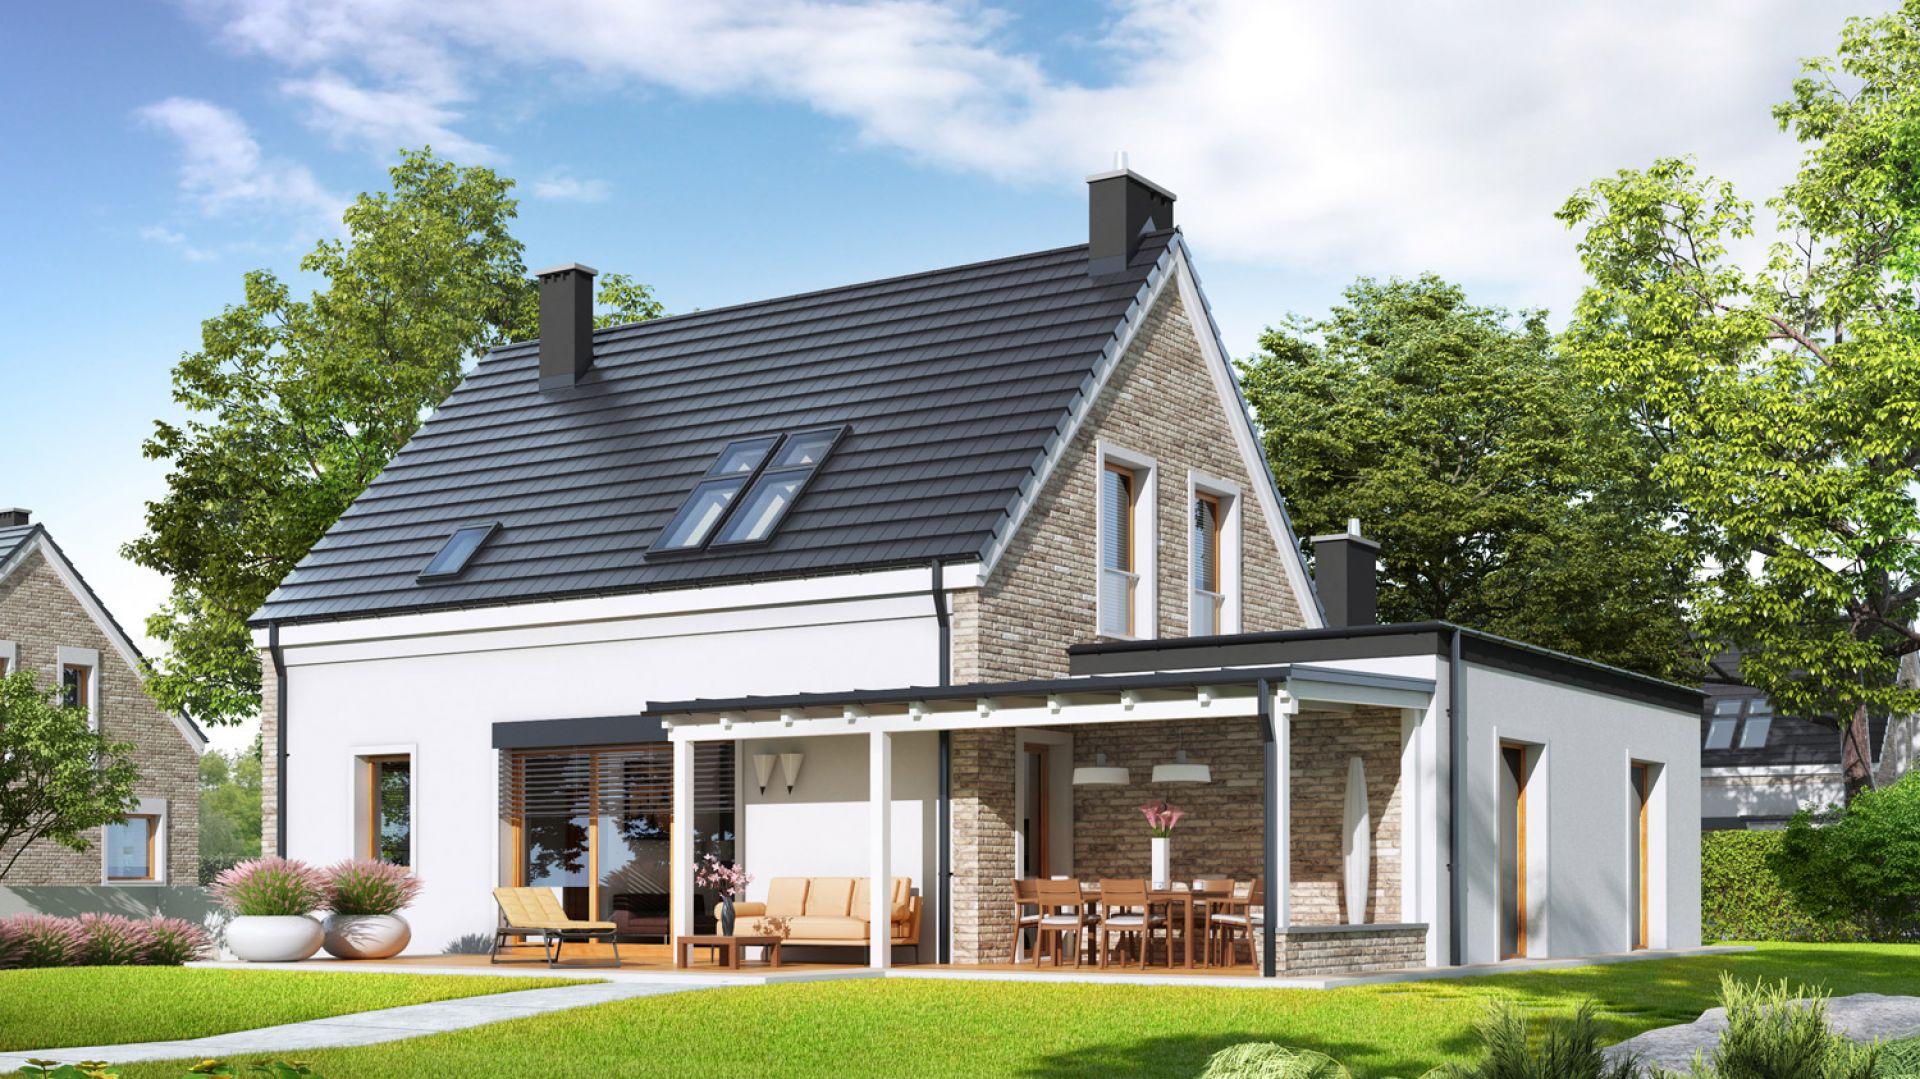 Elegancki charakter domu podkreśla efektowna elewacja z klinkieru, która będzie cieszyć swoim pięknym wyglądem i trwałością przez lata. Projekt: Tymon G1, pracownia Archipelag